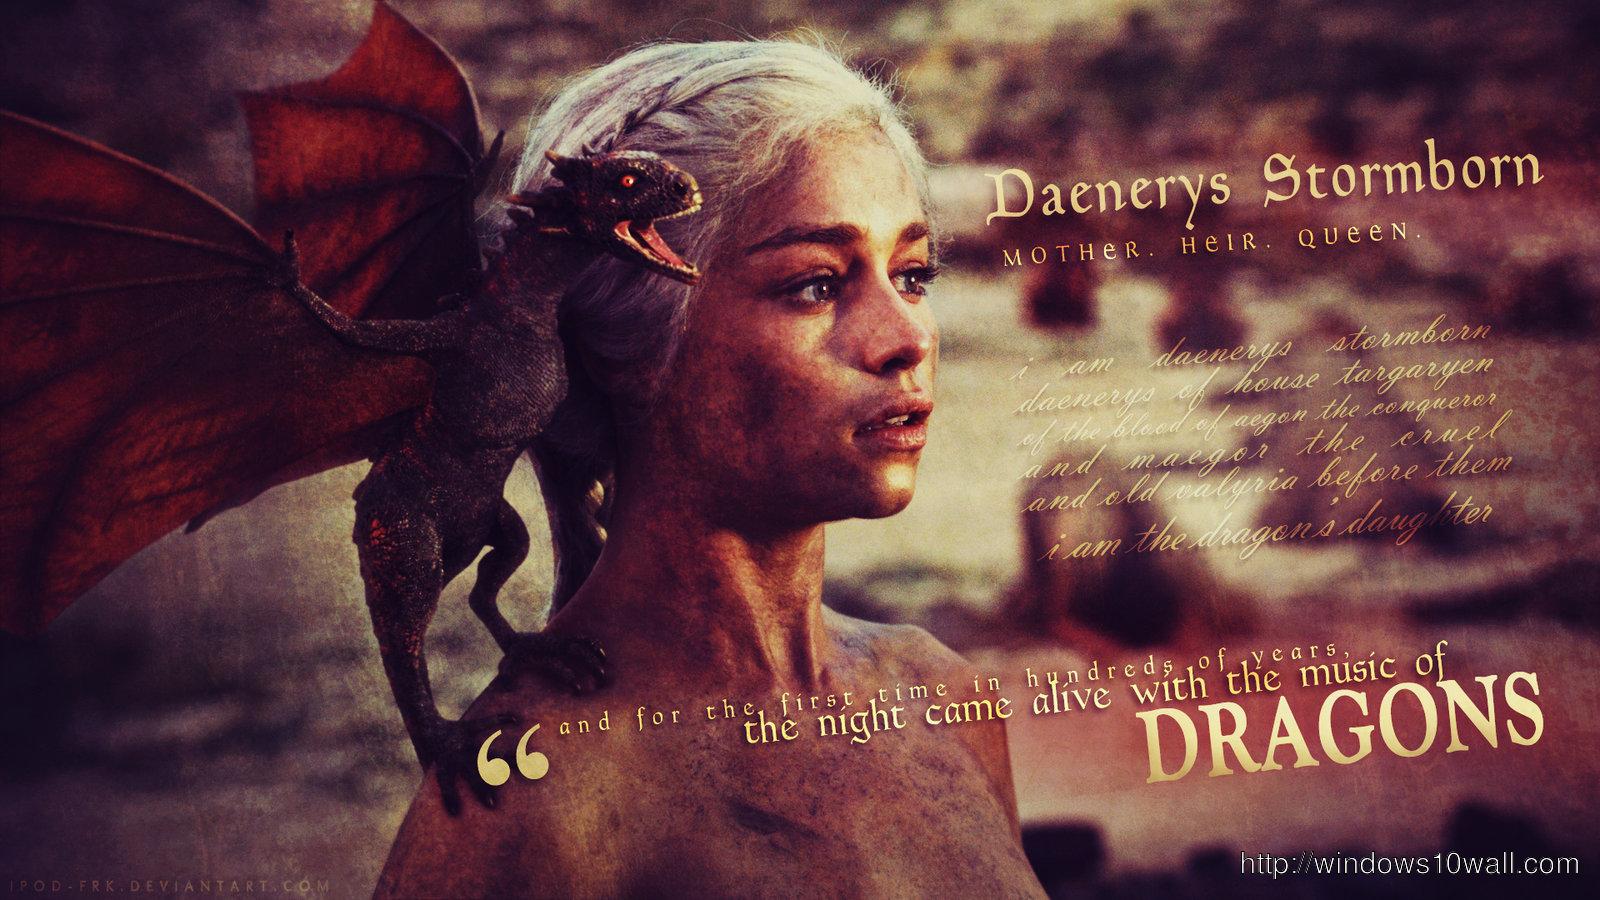 New Game Of Thrones House Targaryen Full Hd Wallpaper